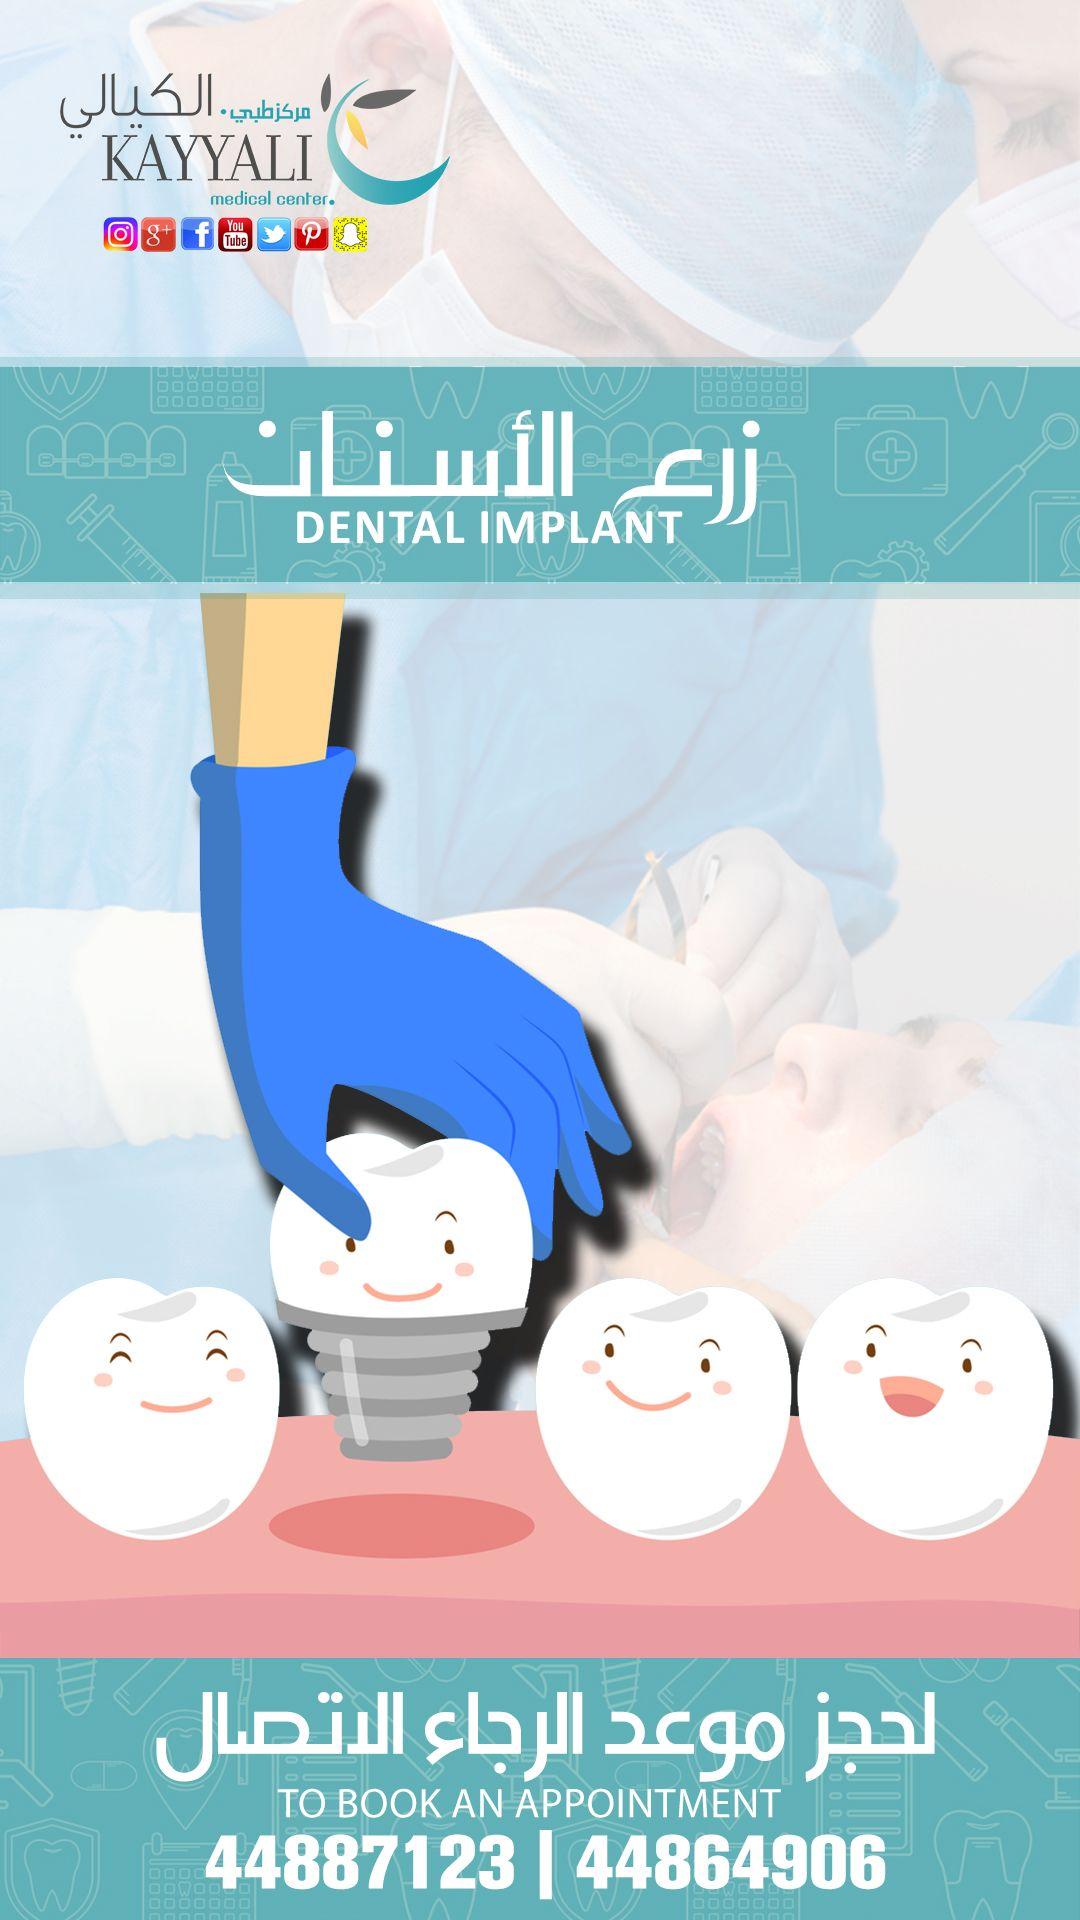 استبدل الأسنان المفقودة على الفور فقط قم بزيارة خبير زراعة الأسنان الدكتور محمد حساني إستشاري جراحه أسنان الوجه والفك Dentistry Dental Implants Medical Center